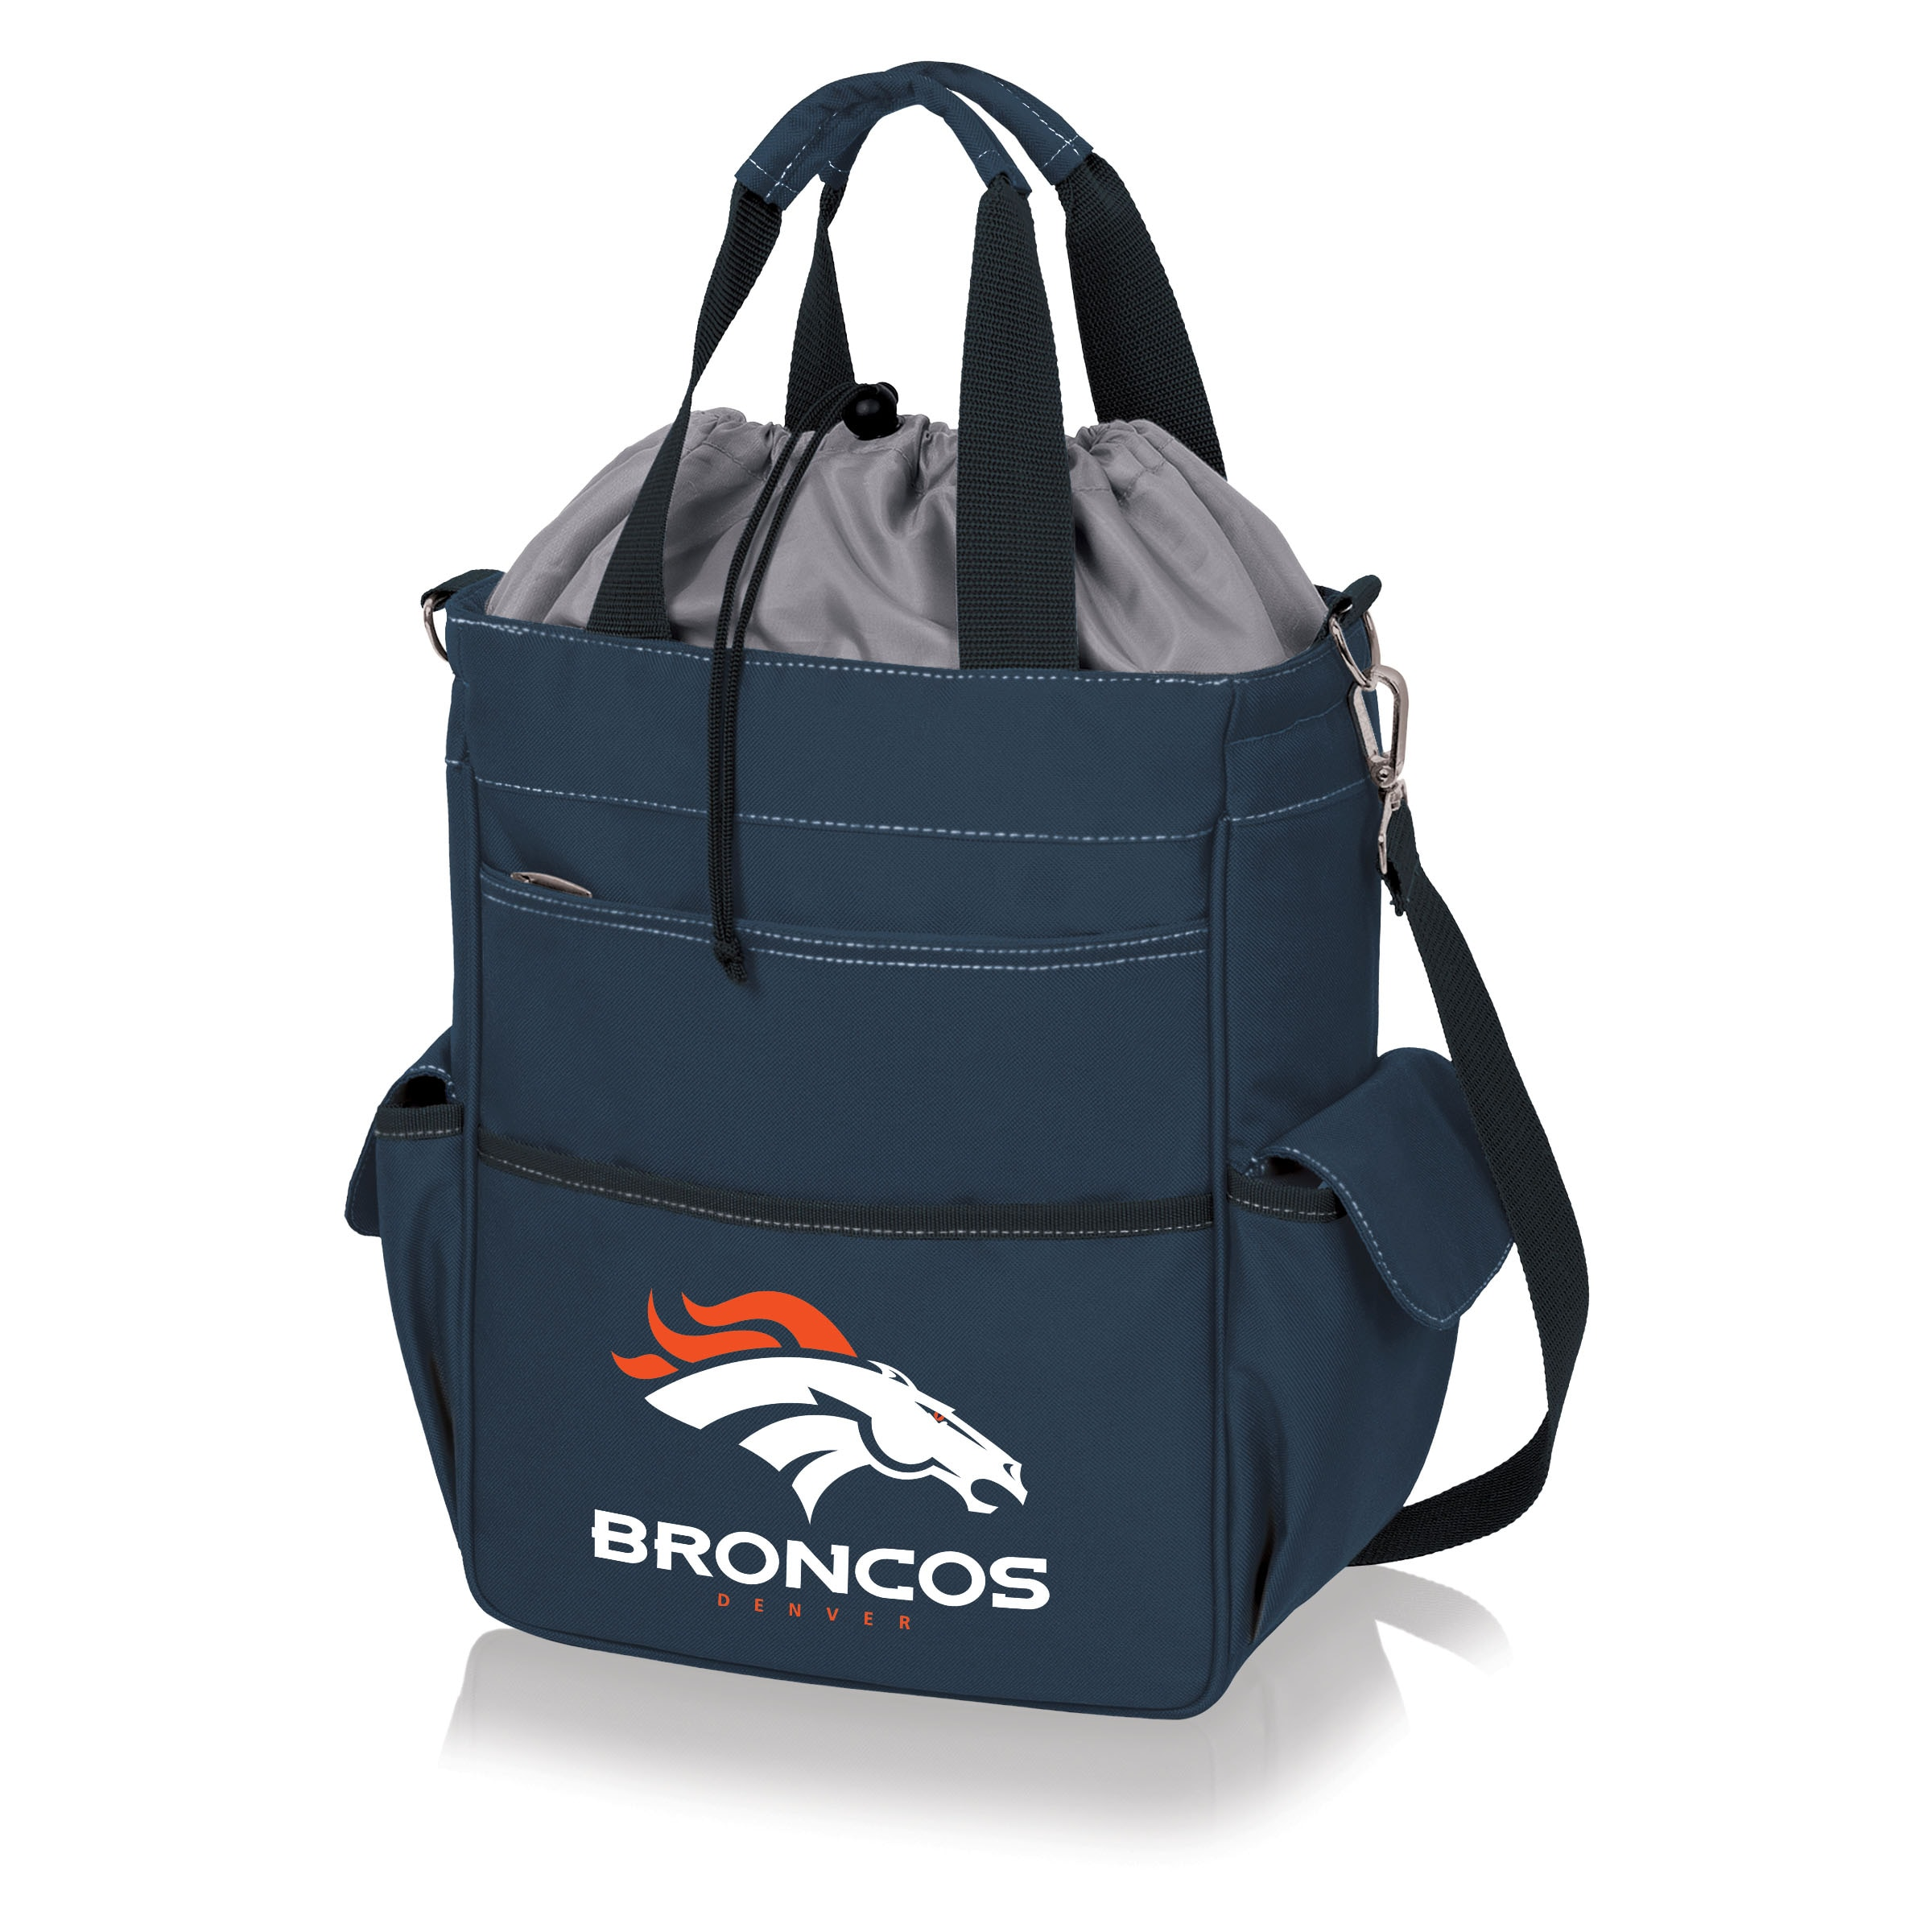 Denver Broncos Activo Cooler Tote - Navy